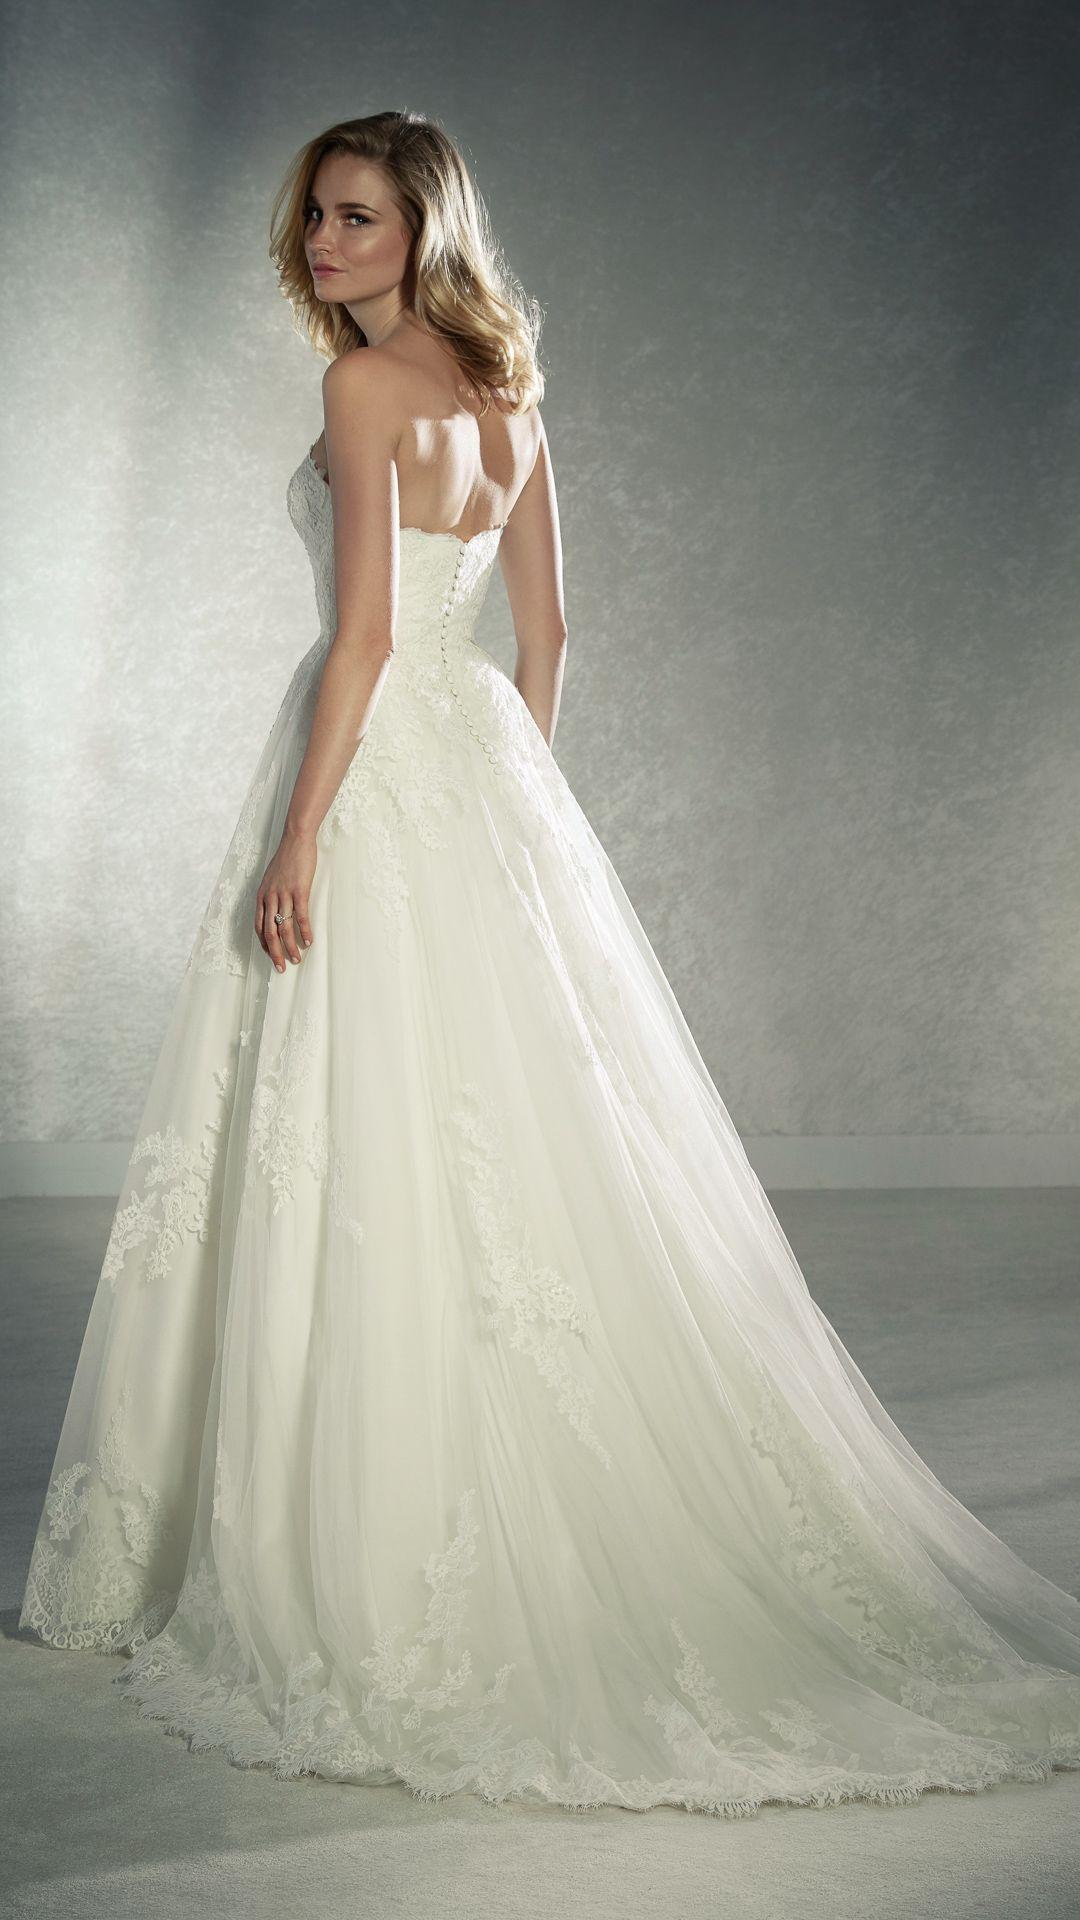 Hochzeitskleider 20 White One Kollektion Modell: FABIELA-C